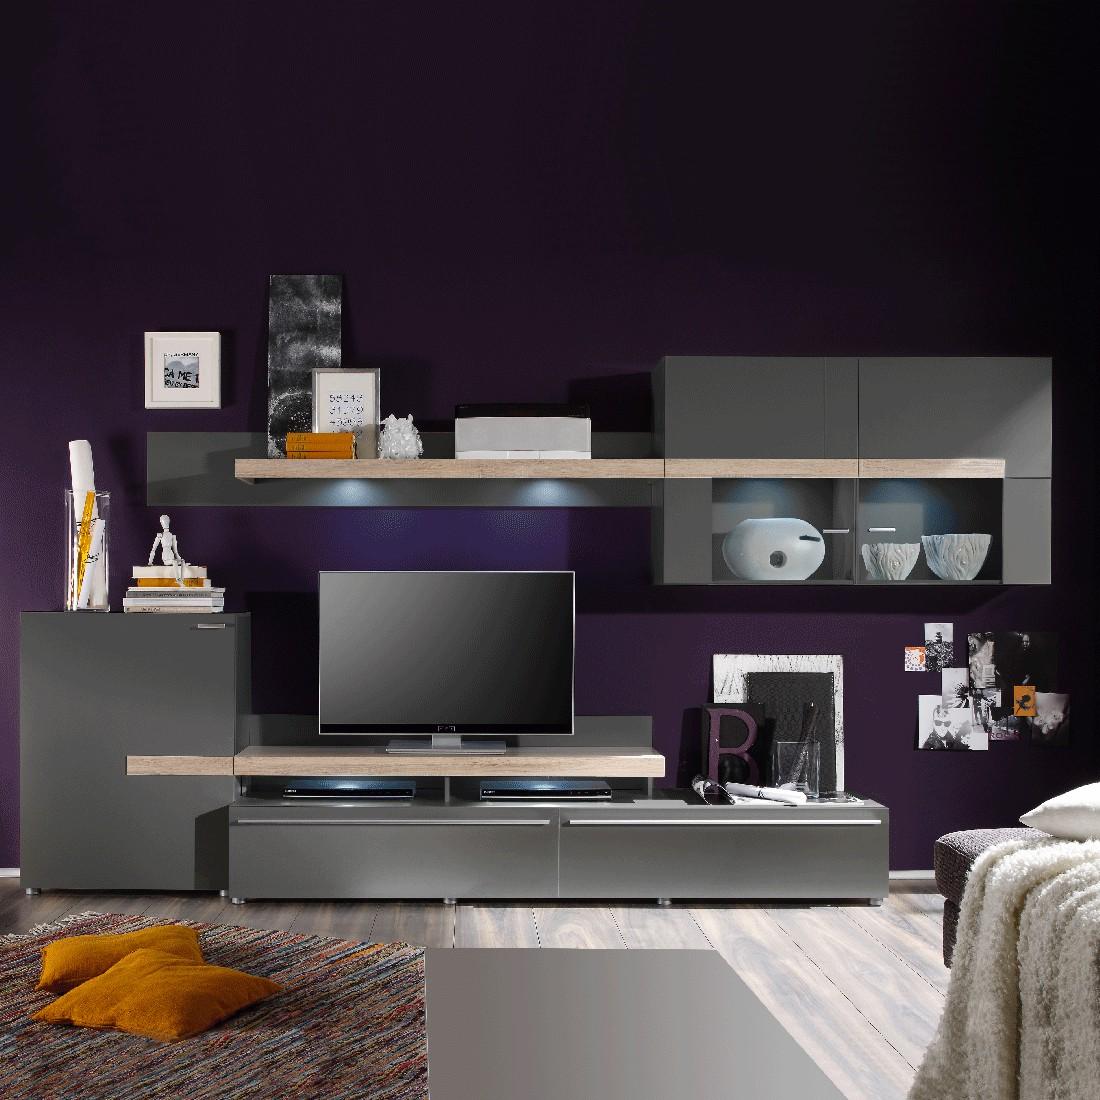 Meuble TV SUSPENDUE  SUSPENDUE Trouvez SUSPENDUE parmis nos meubles de telev -> Meuble Tv Panama